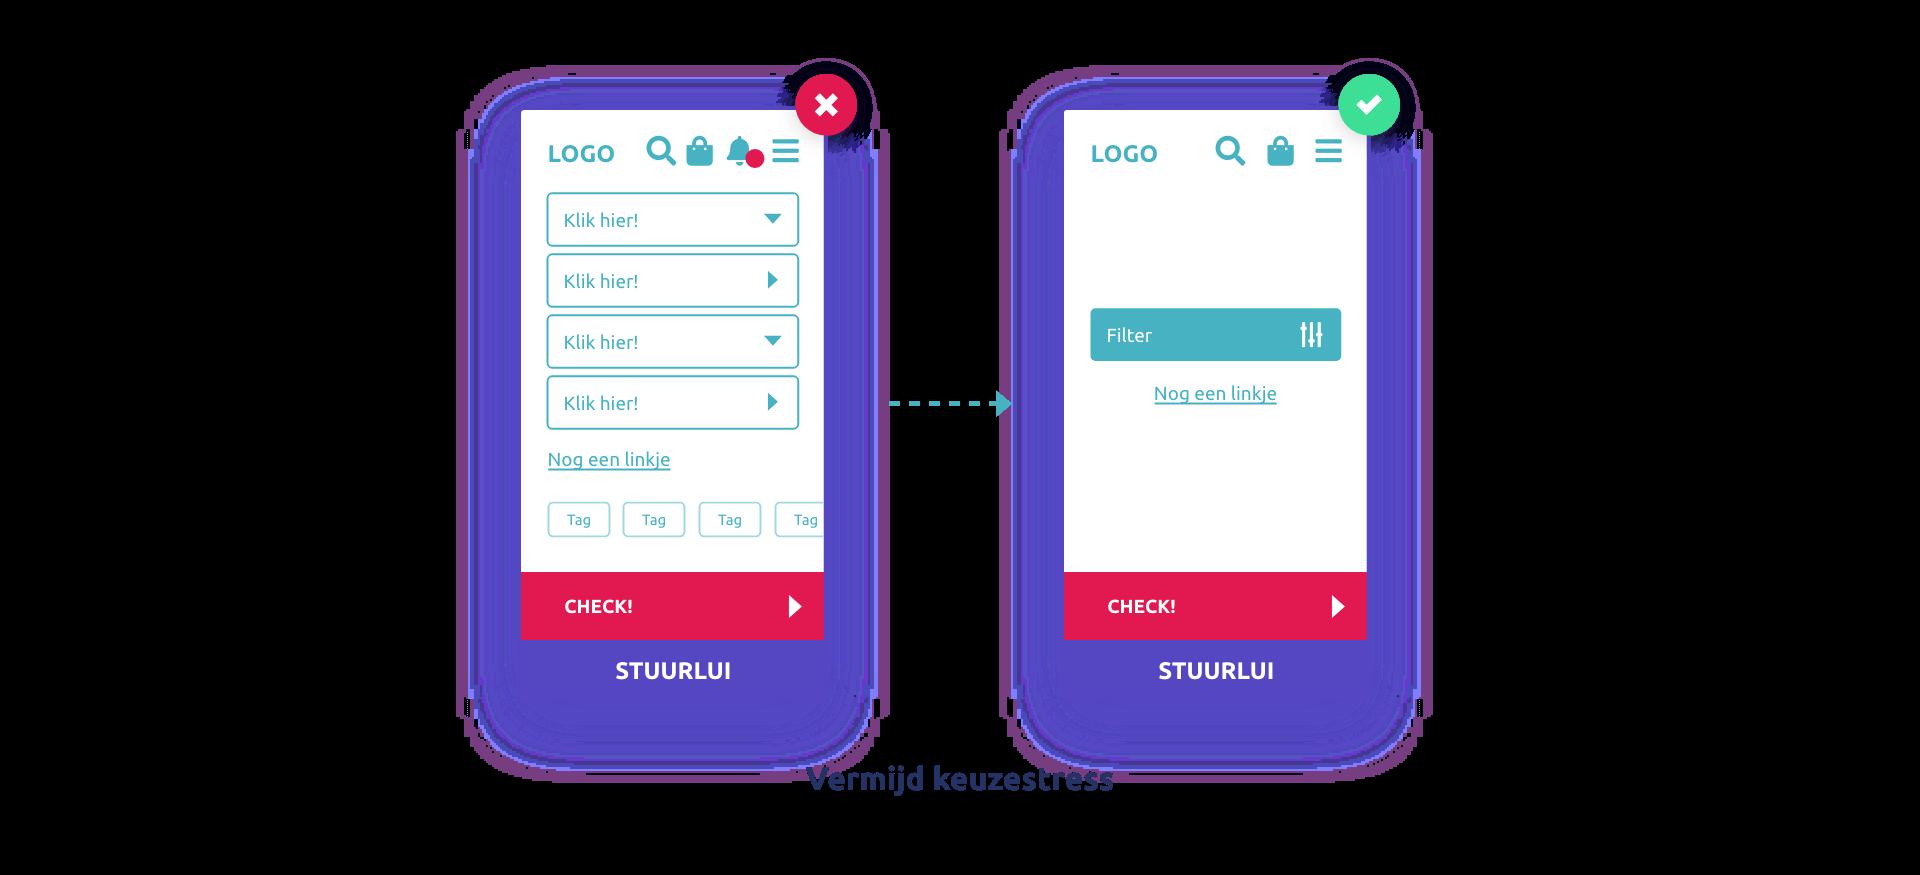 Mobile first webdesign - vermijd keuzestress